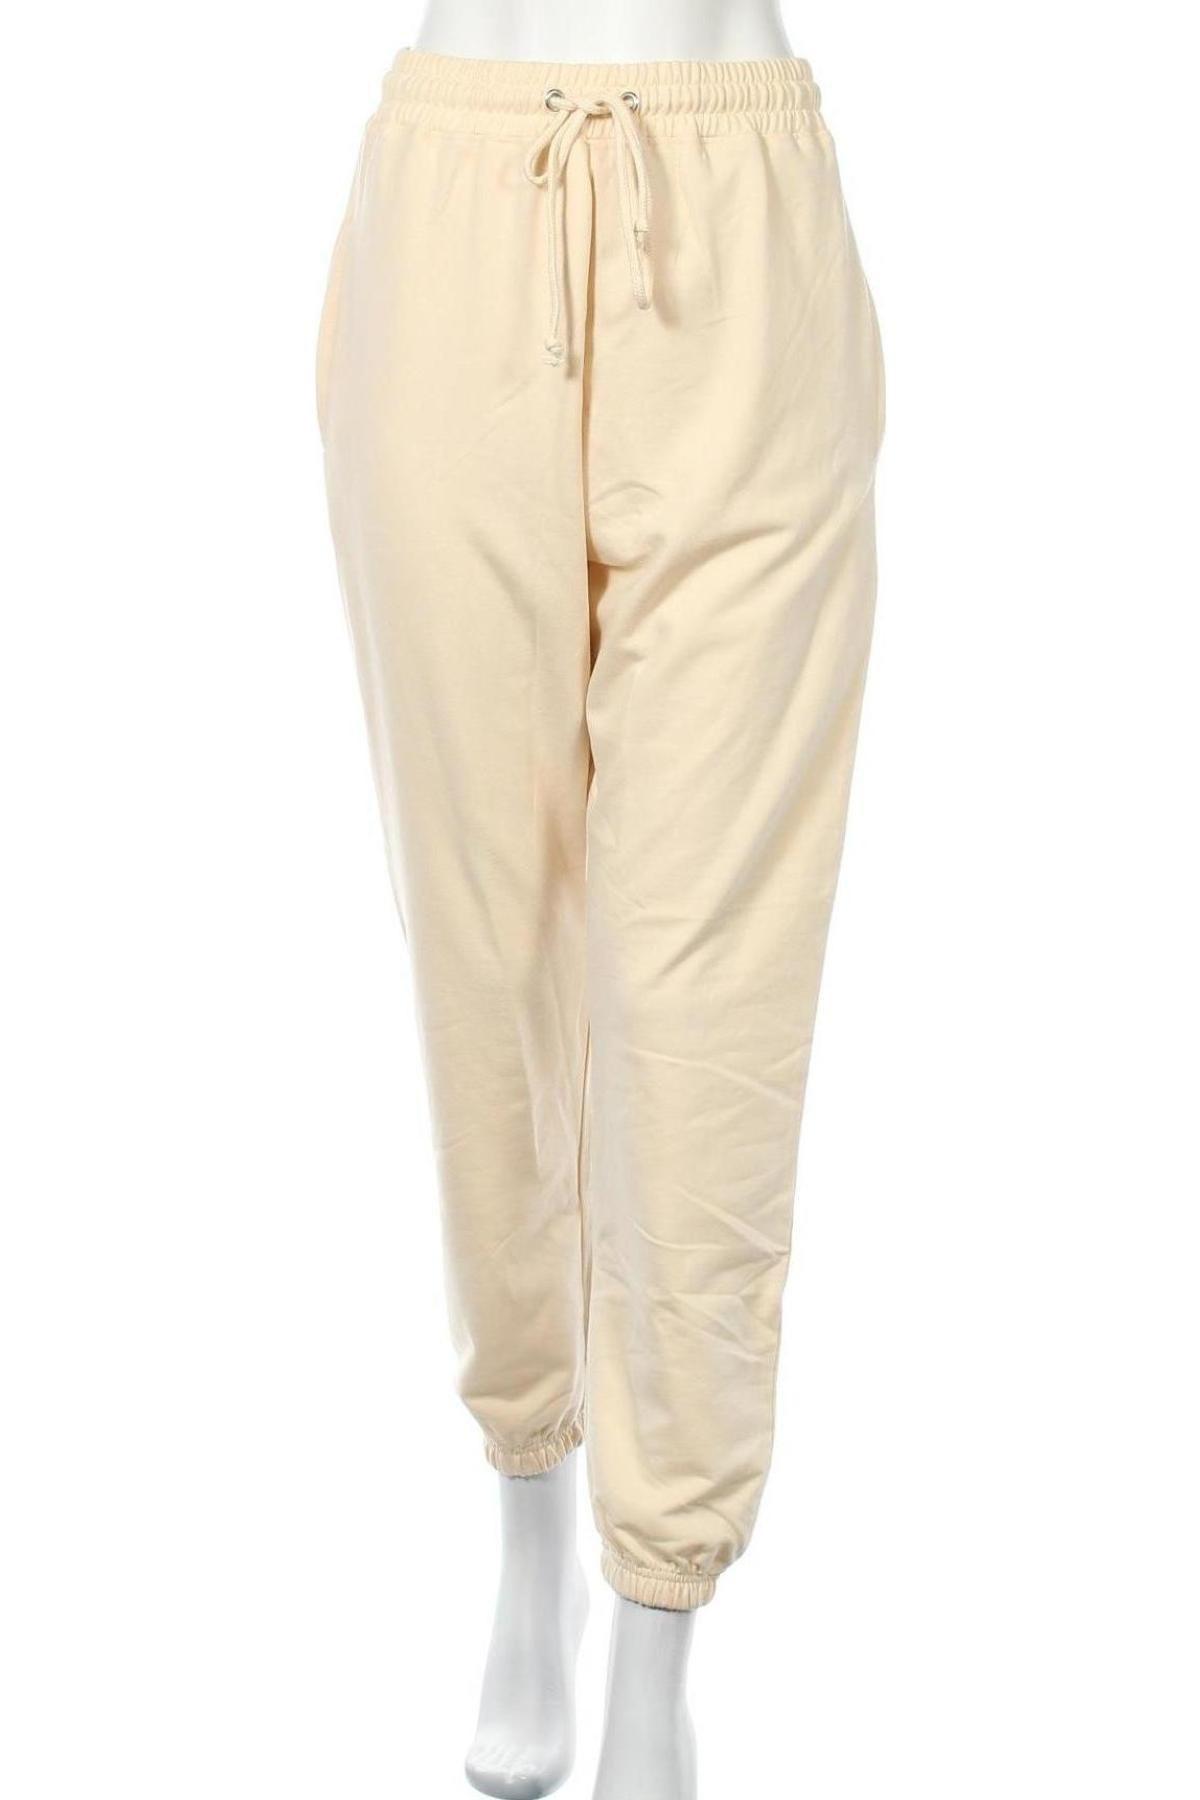 Дамско спортно долнище Missguided, Размер S, Цвят Жълт, 60% памук, 40% полиестер, Цена 25,30лв.